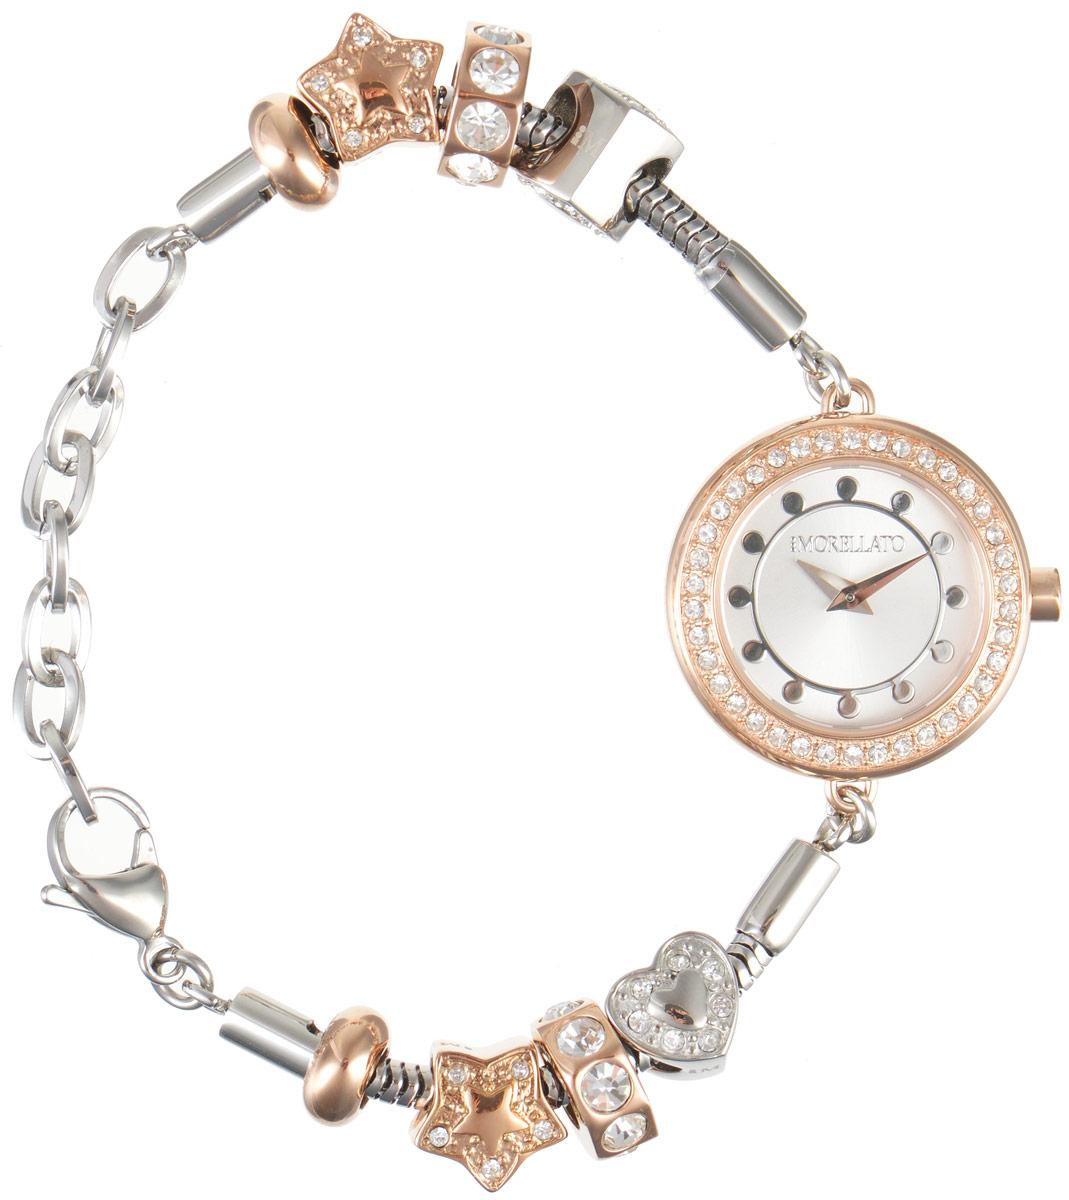 Часы наручные женские Morellato, цвет: серебристый. R0153122511BM8434-58AEИзысканные женские часы Morellato изготовлены из высокотехнологичной гипоаллергенной нержавеющей стали. Ремешок выполнен из нержавеющей стали с PVD-покрытием и оснащен практичной застежкой-карабином. Кварцевый механизм имеет степень влагозащиты равную 3 Bar и дополнен часовой и минутной стрелками. Корпус часов украшен ободком из цирконов. Браслет выполнен из соединяющихся между собой элементов в стиле Пандора, инкрустированных цирконами. Для того чтобы защитить циферблат от повреждений в часах используется высокопрочное минеральное стекло. На белом циферблате отметки в виде точек органично сочетаются с маленькими стрелками. Браслет комплектуется надежным и удобным в использовании замком-карабином, который позволит с легкостью снимать и надевать часы. Часы упакованы в фирменную коробку и дополнительно в подарочную коробку с названием бренда. Часы Morellato подчеркнут изящность женской руки и отменное чувство стиля у их обладательницы.